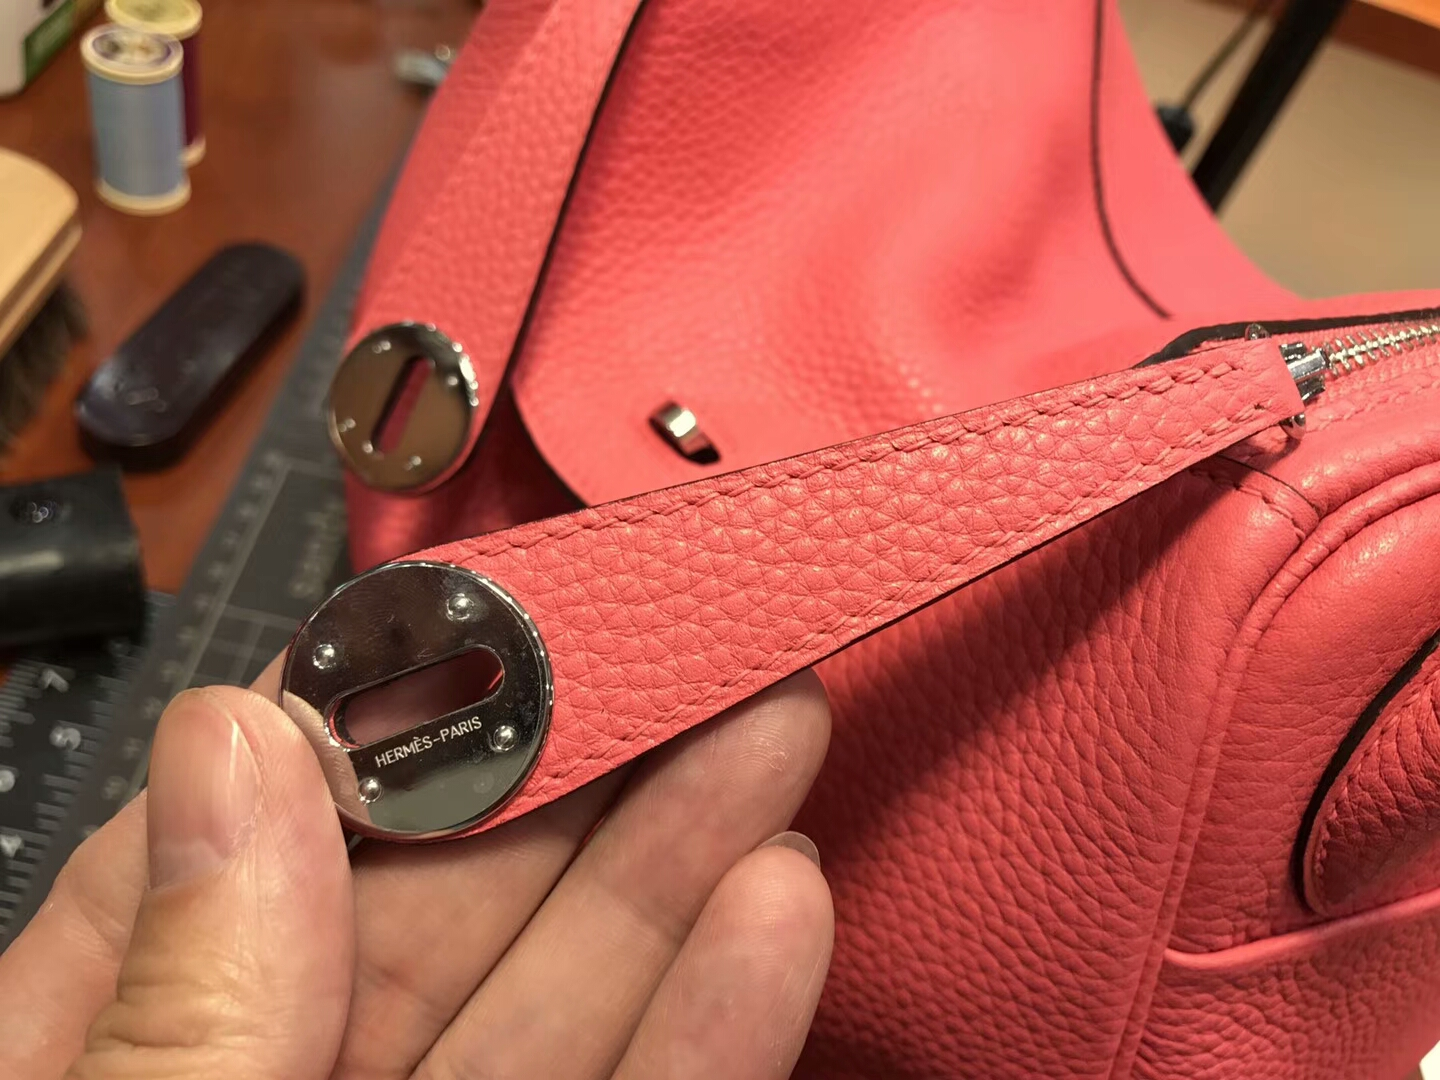 爱马仕 HERMES Lindy 26/30cm  t5 斋普尔粉 蜜桃粉 rose jaipur 银扣 配全套专柜原版包装